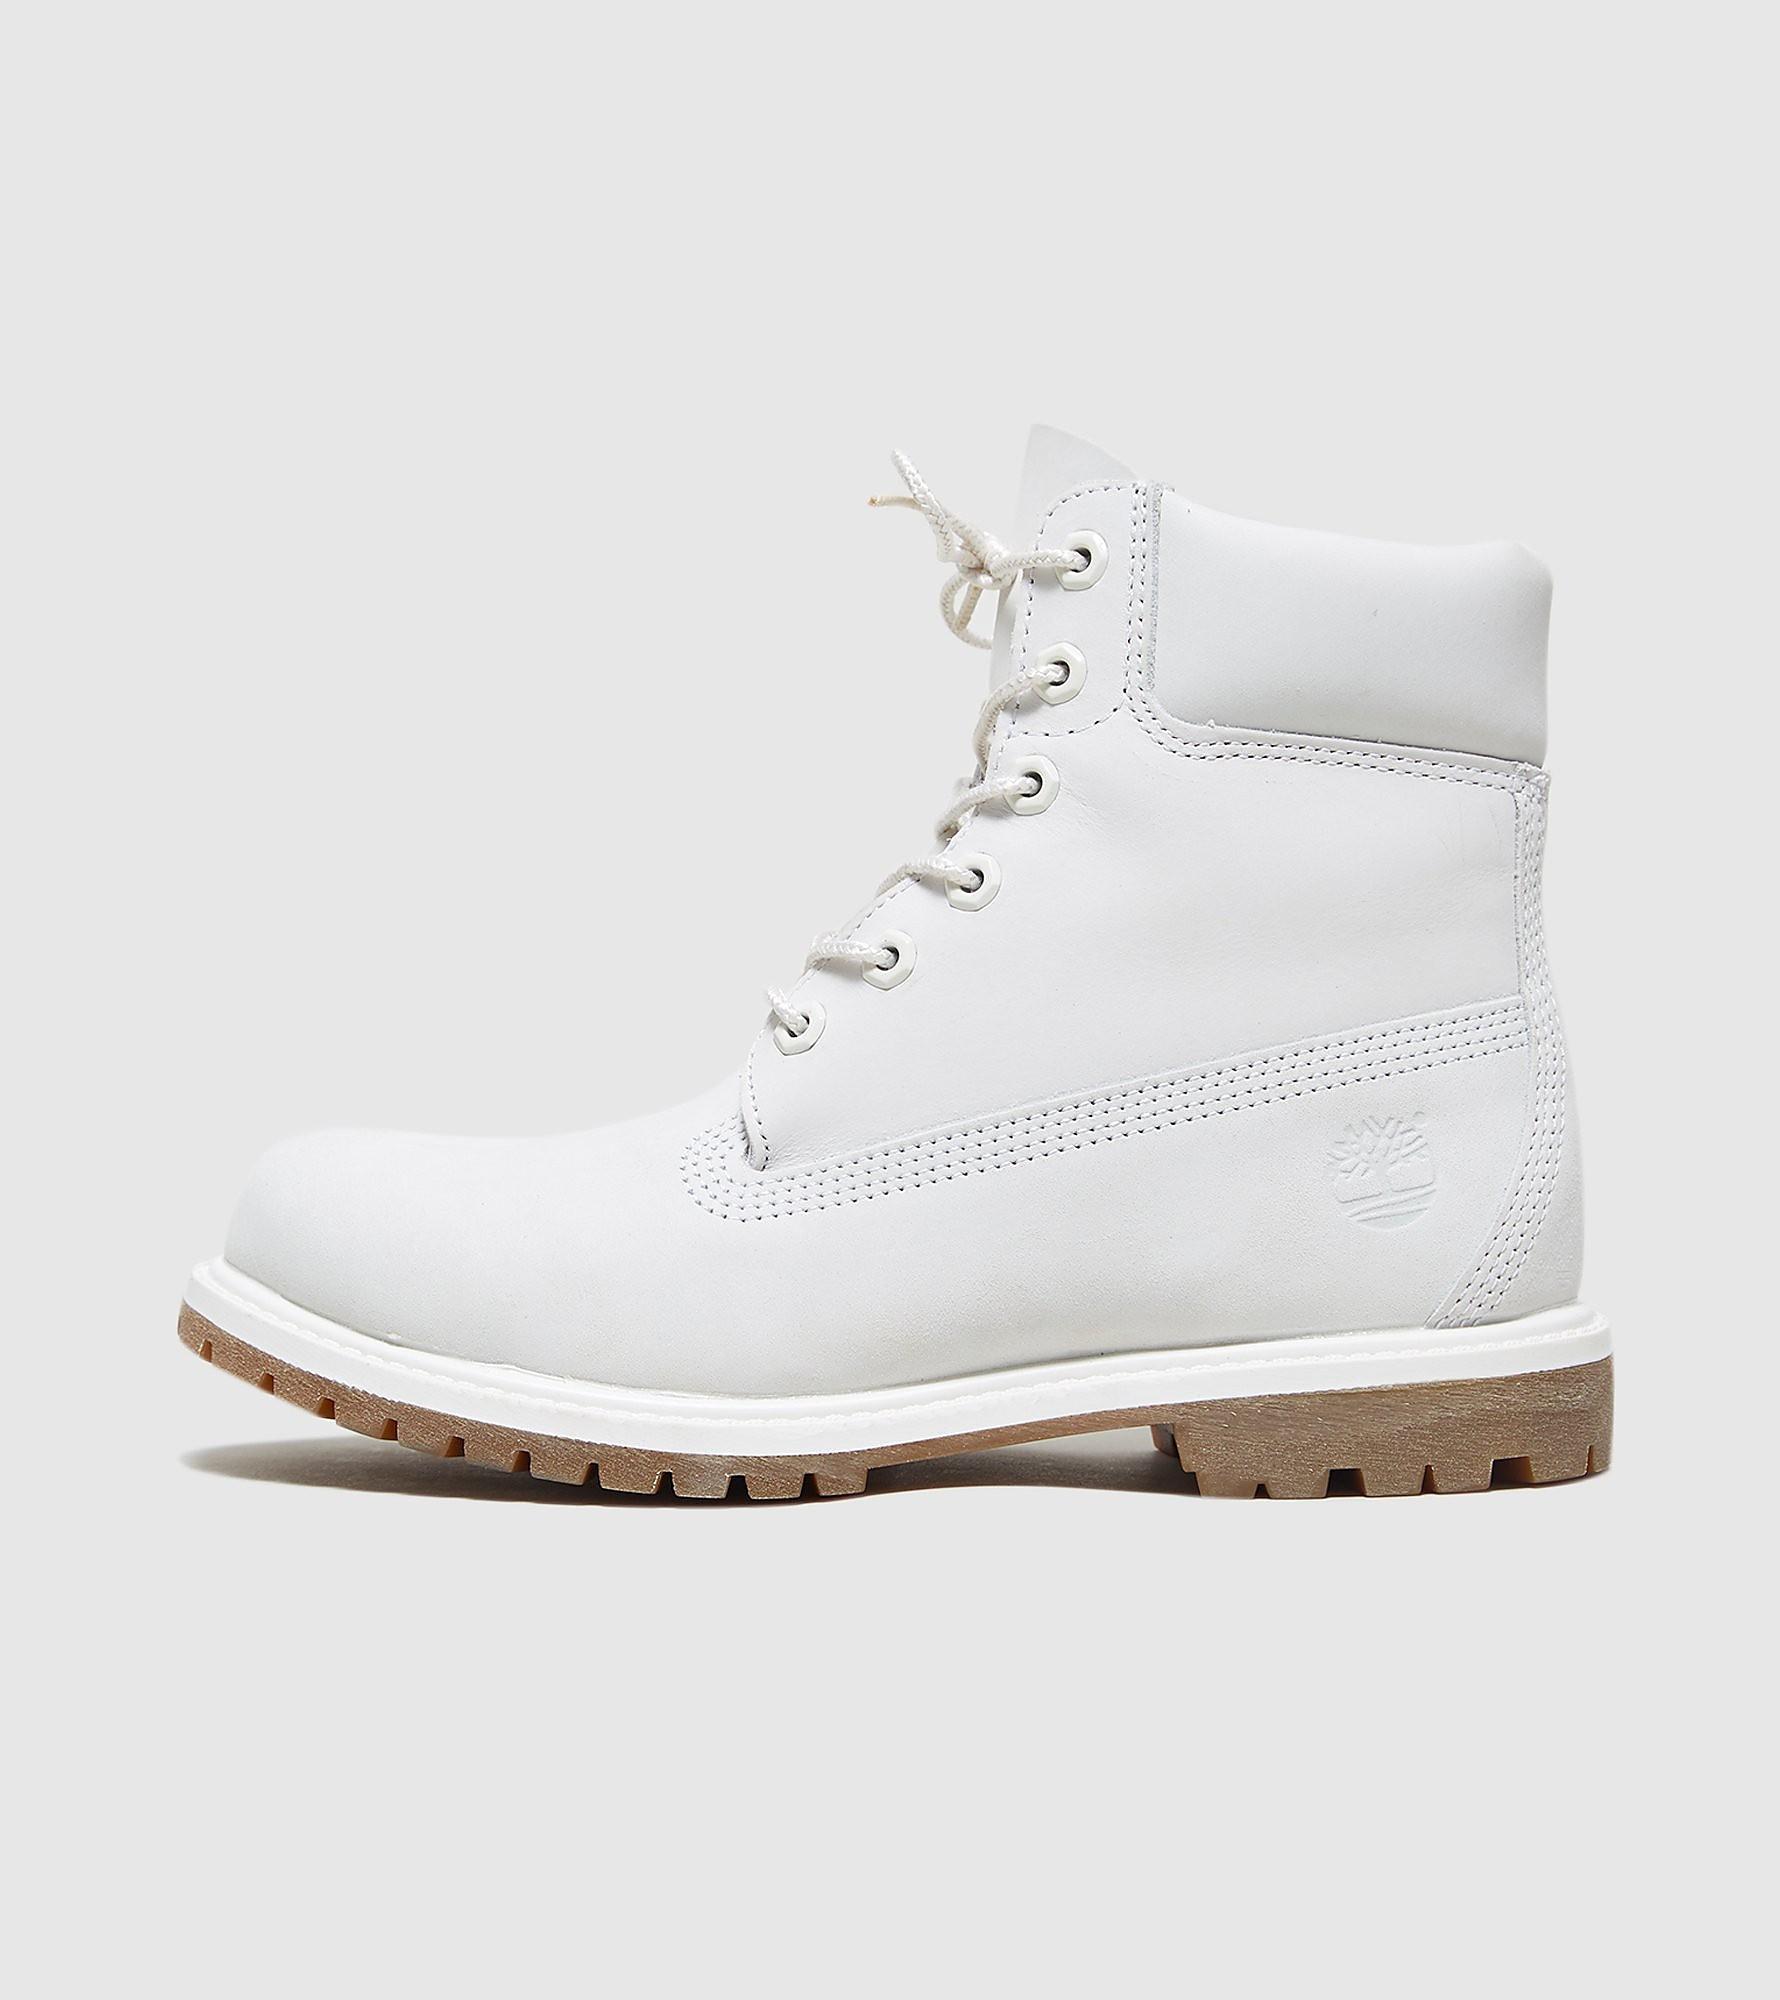 Timberland 6-Inch Premium Boot Women's